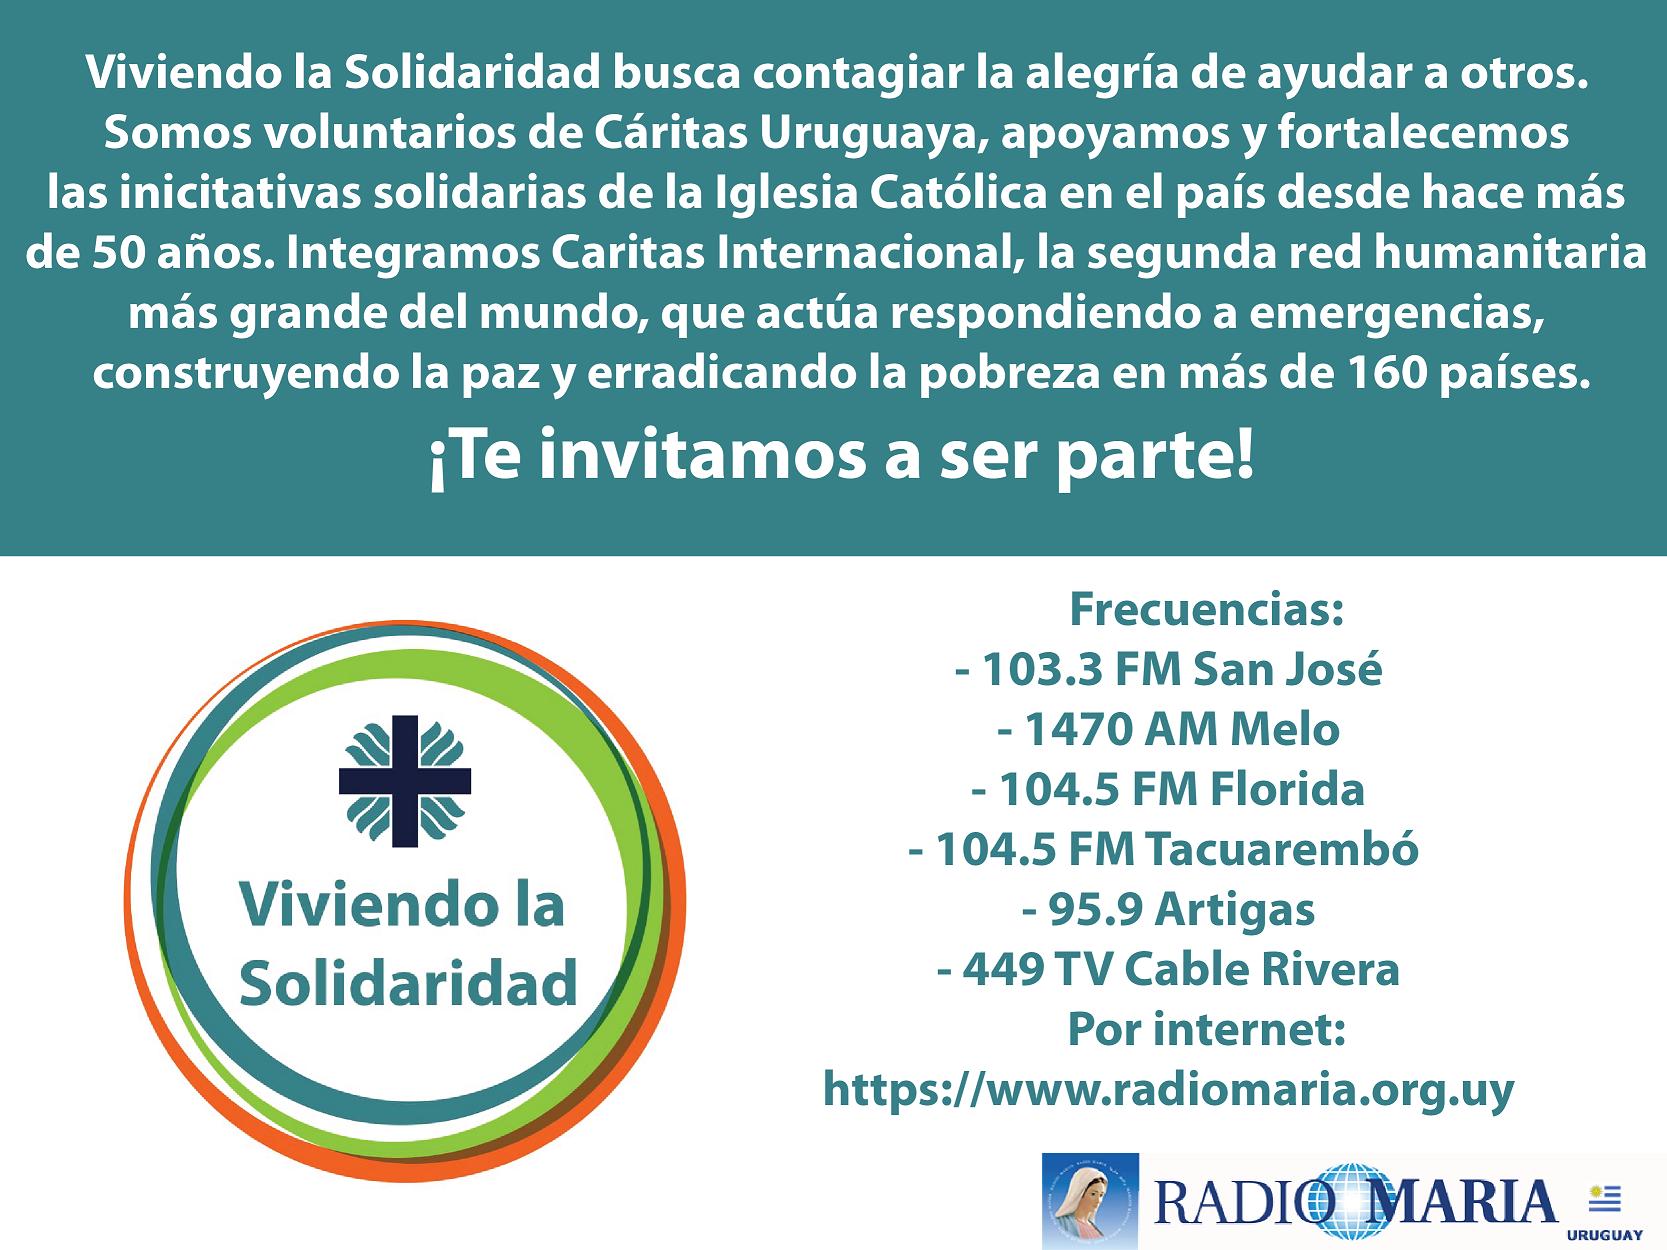 Promo_Viviendo la solidaridad